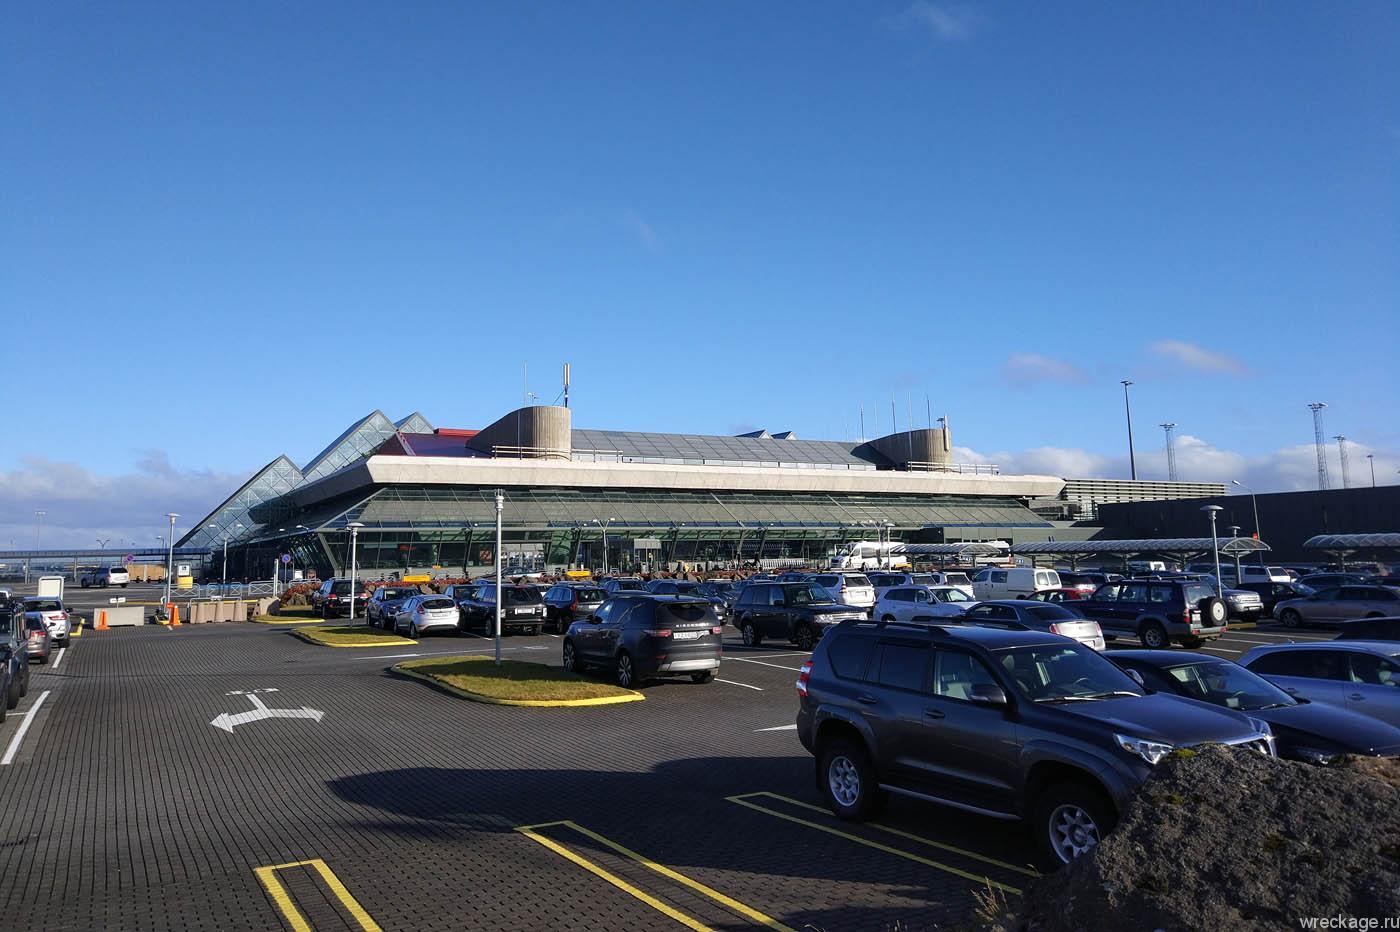 аэропорт кефлавика